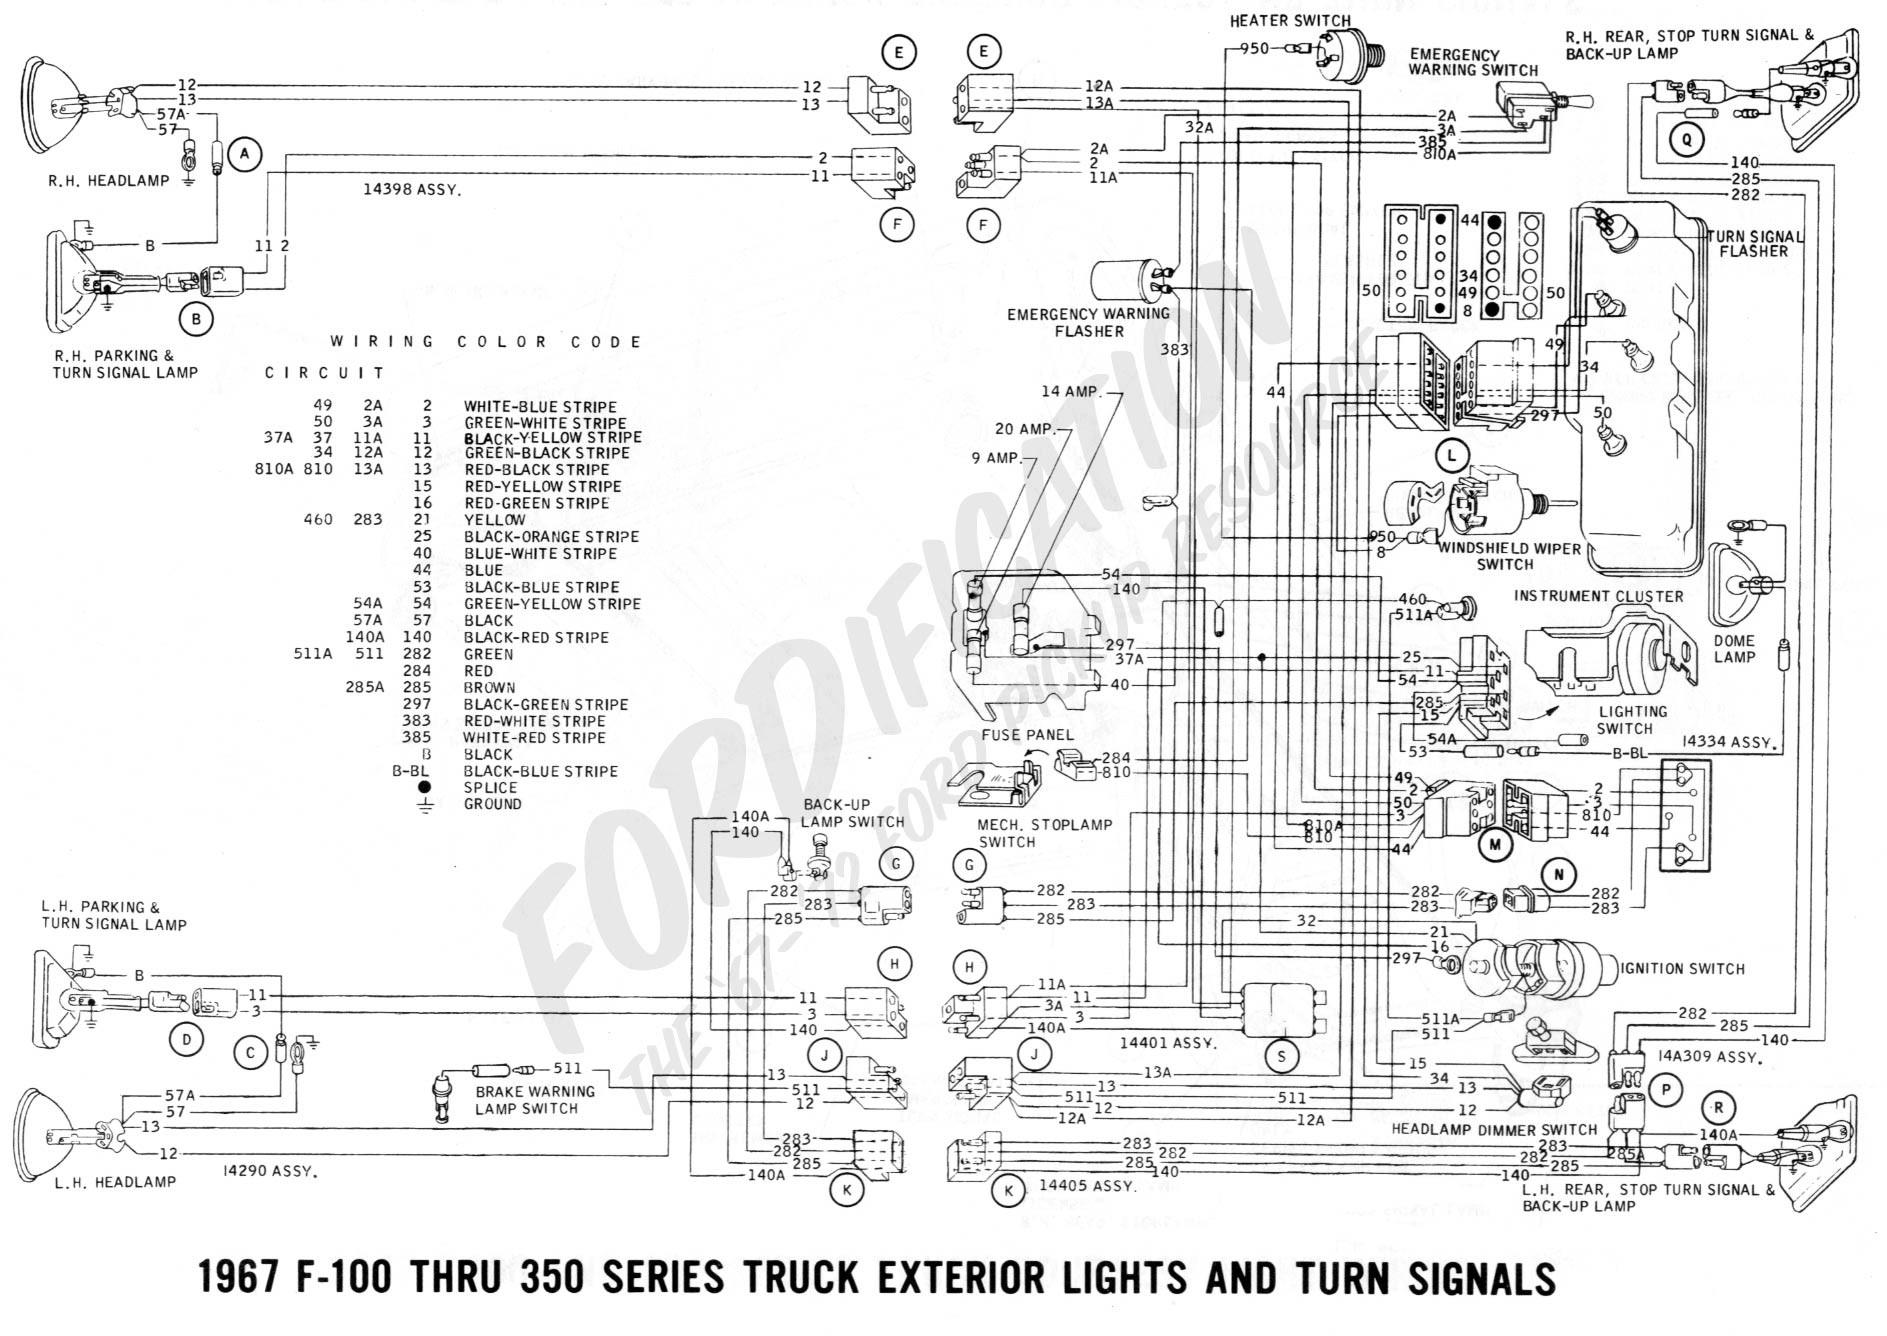 2013 ford F150 Wiring Diagram Bucket 2002 F350 Superduty